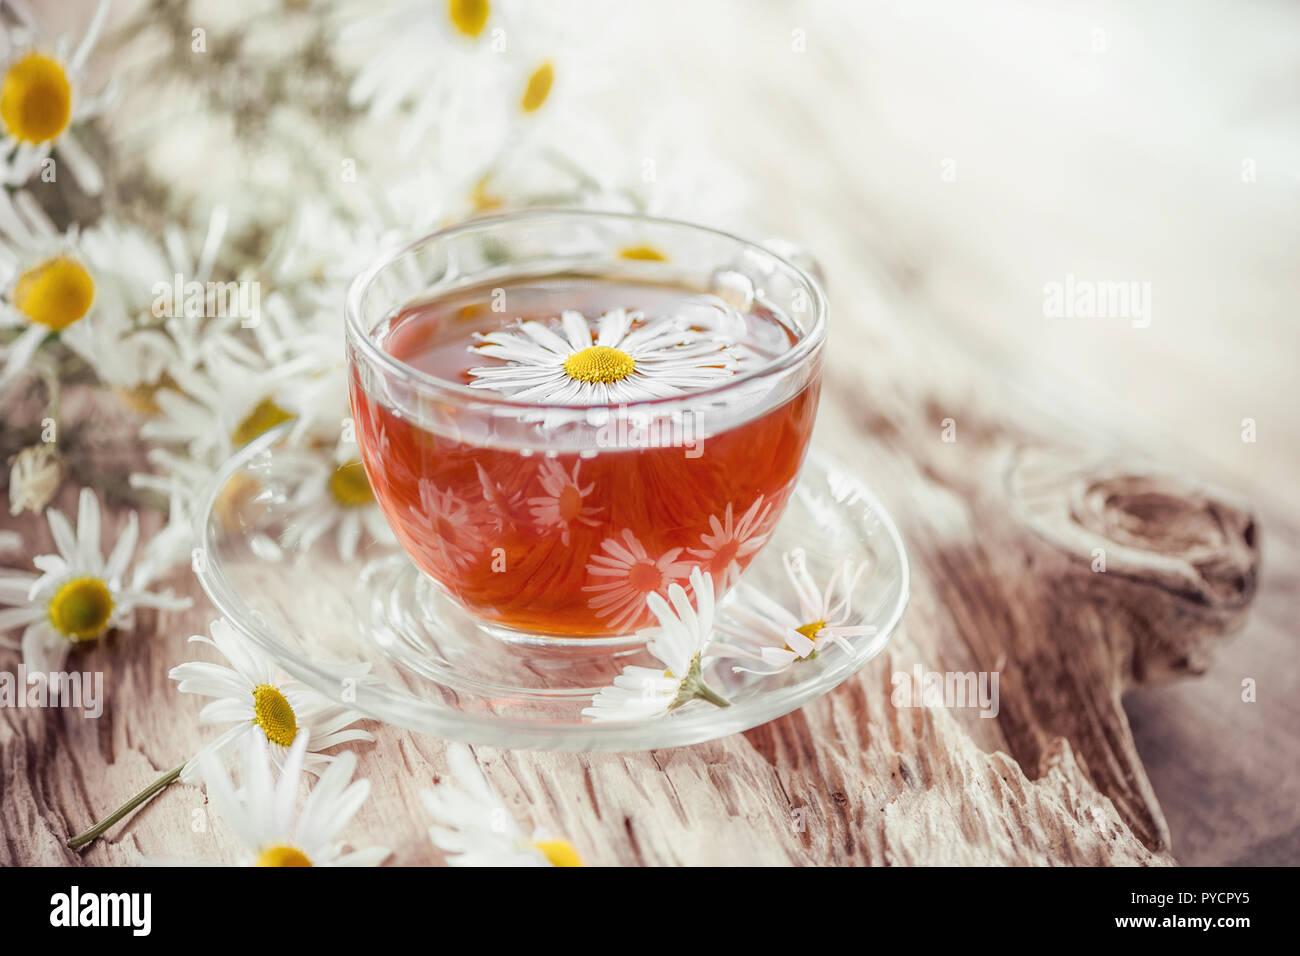 Eine klare Schale von Arzneimitteln Kamille Tee auf einem alten Holztisch. Gesundheit und gesunder Lebensstil Konzept. Stockbild